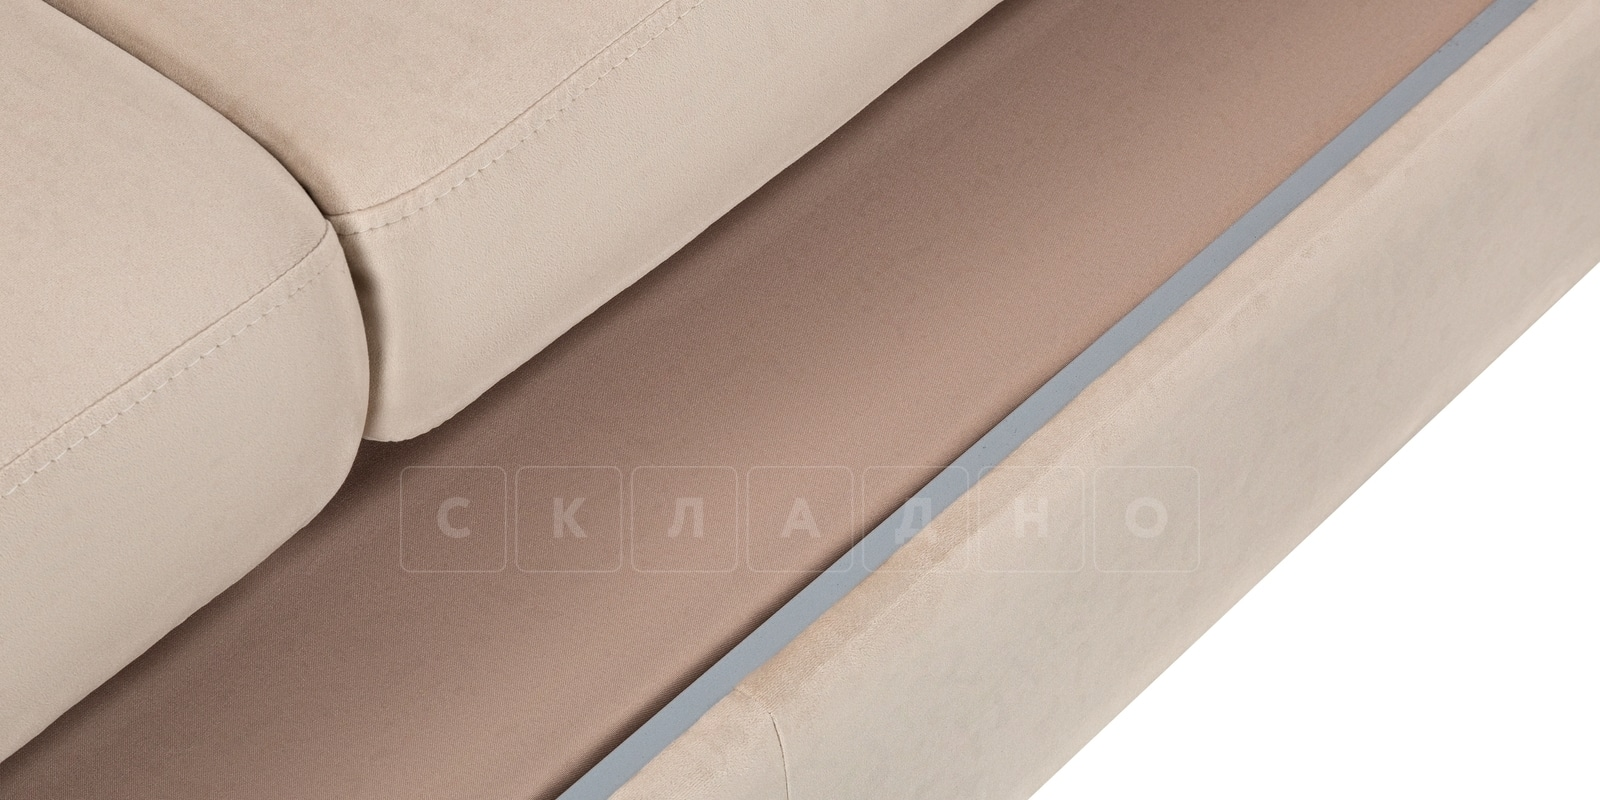 Угловой диван Эвита велюр бежевый правый угол фото 7 | интернет-магазин Складно